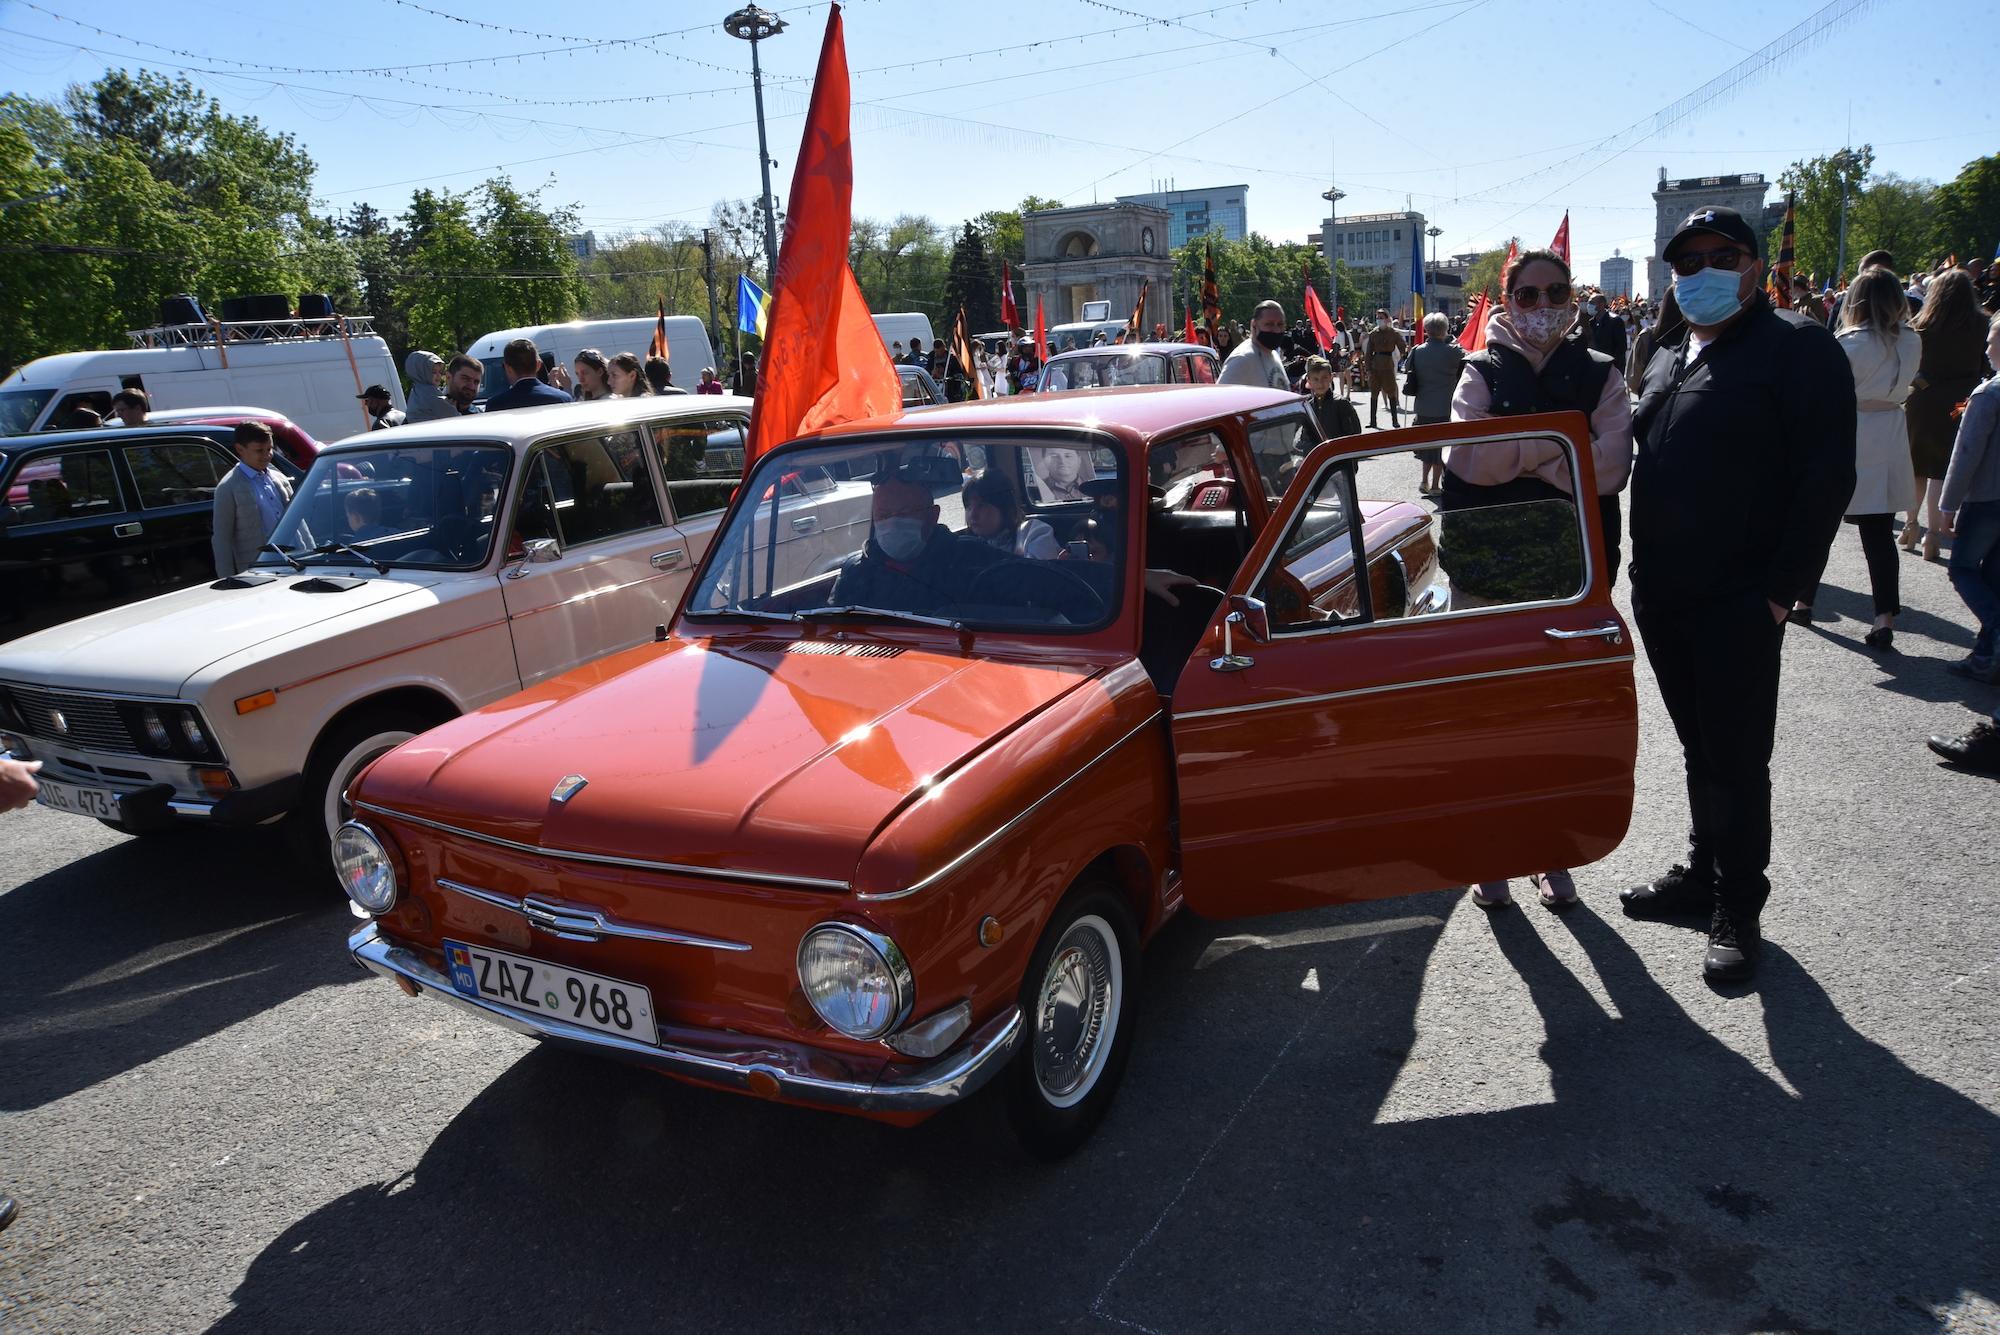 Как вКишиневе 9 мая прошла акция «Бессмертный полк». Фоторепортаж NM